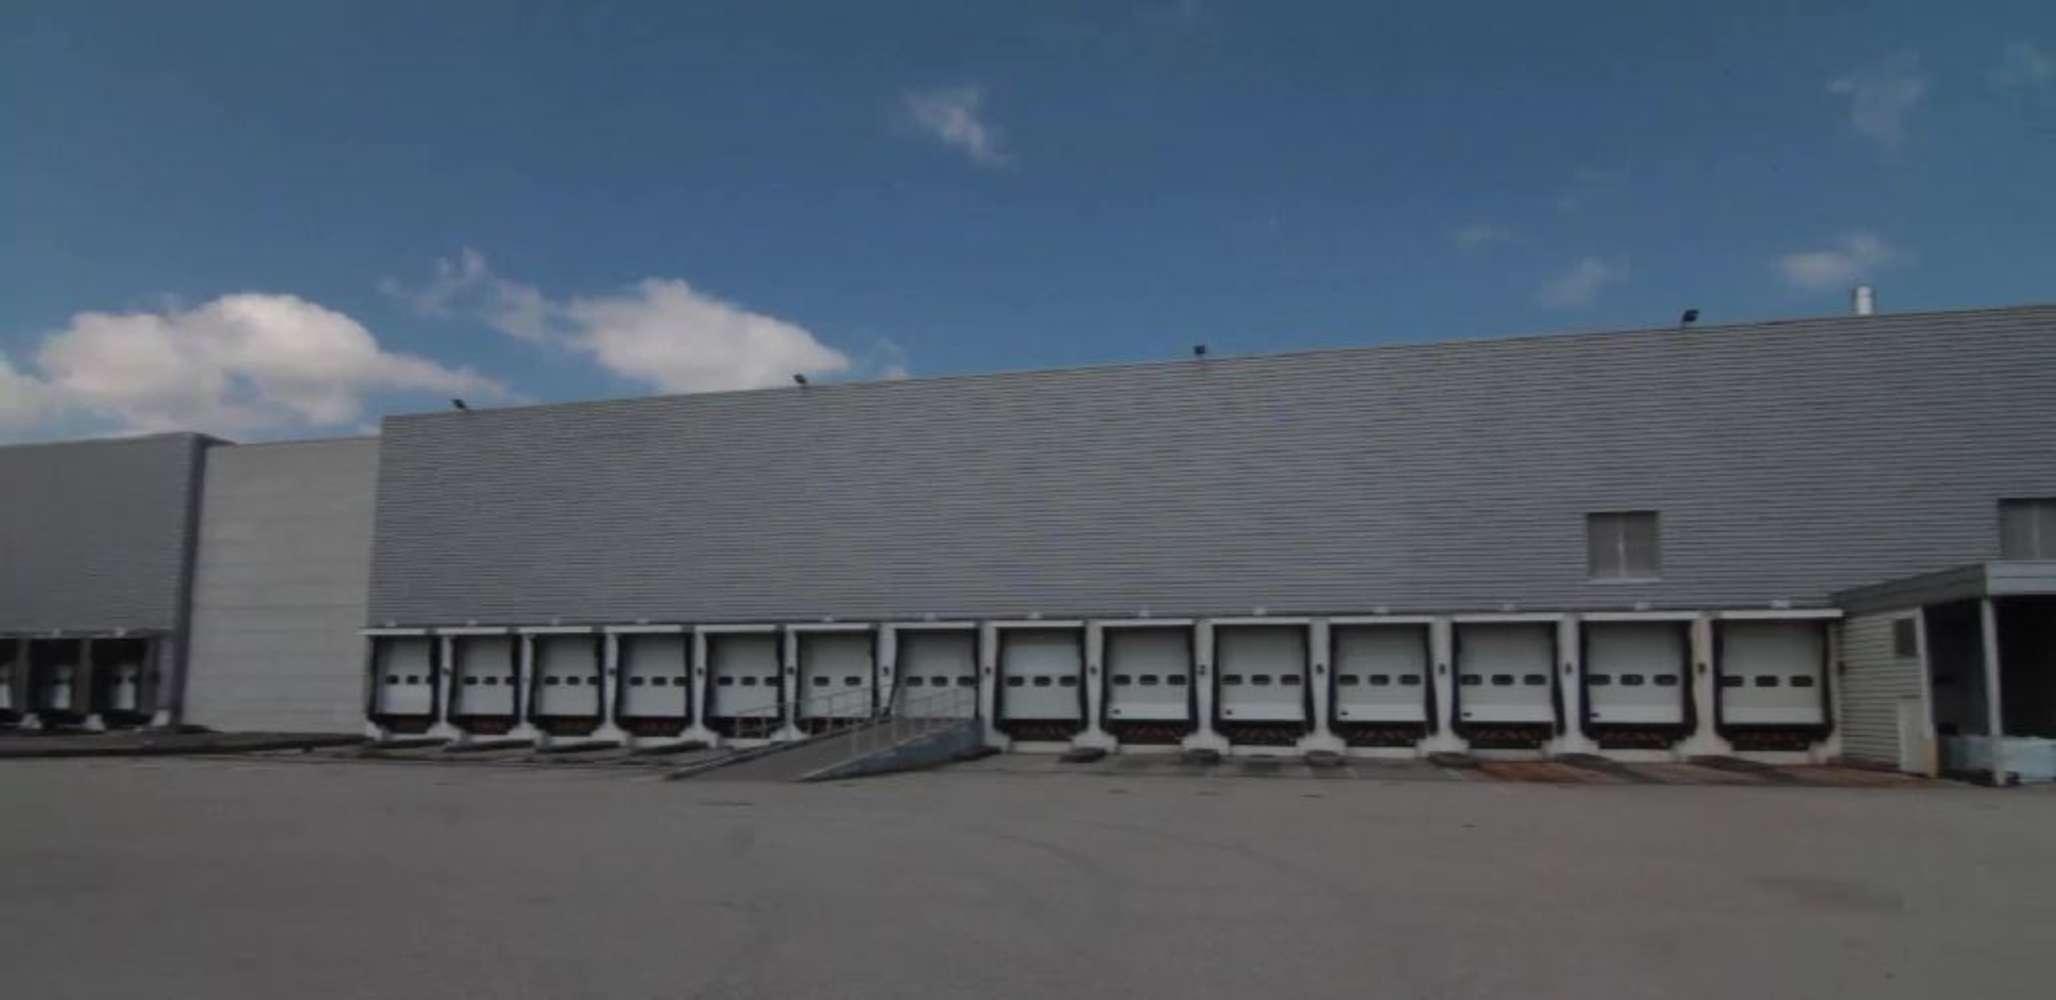 Plateformes logistiques Vaulx milieu, 38090 - A louer - entrepôt logistique Isère (38) - 9988853